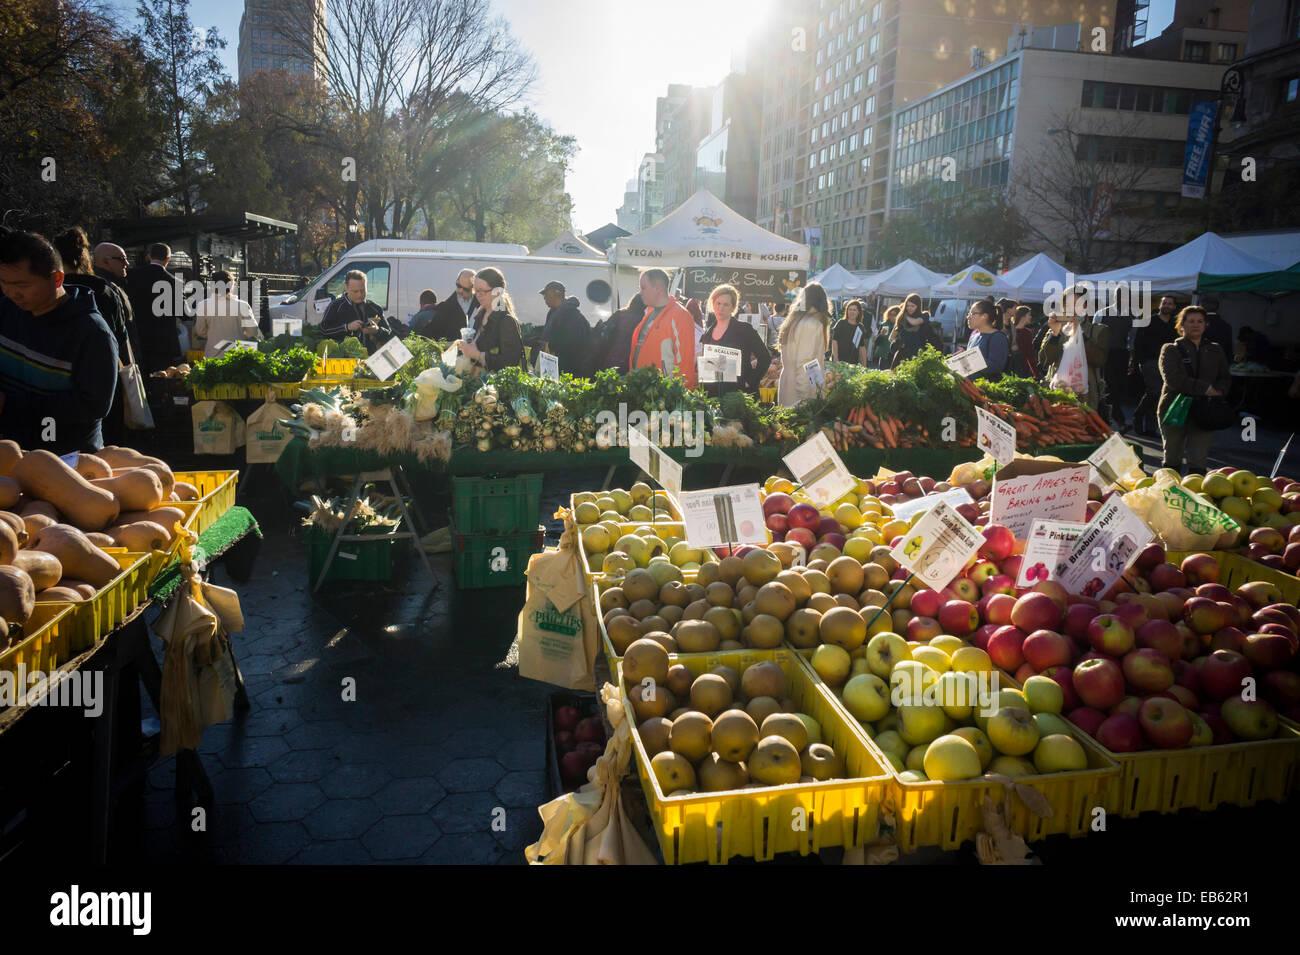 Gli amanti dello shopping una fattoria stand presso la Union Square Greenmarket a New York lunedì, 24 novembre Immagini Stock